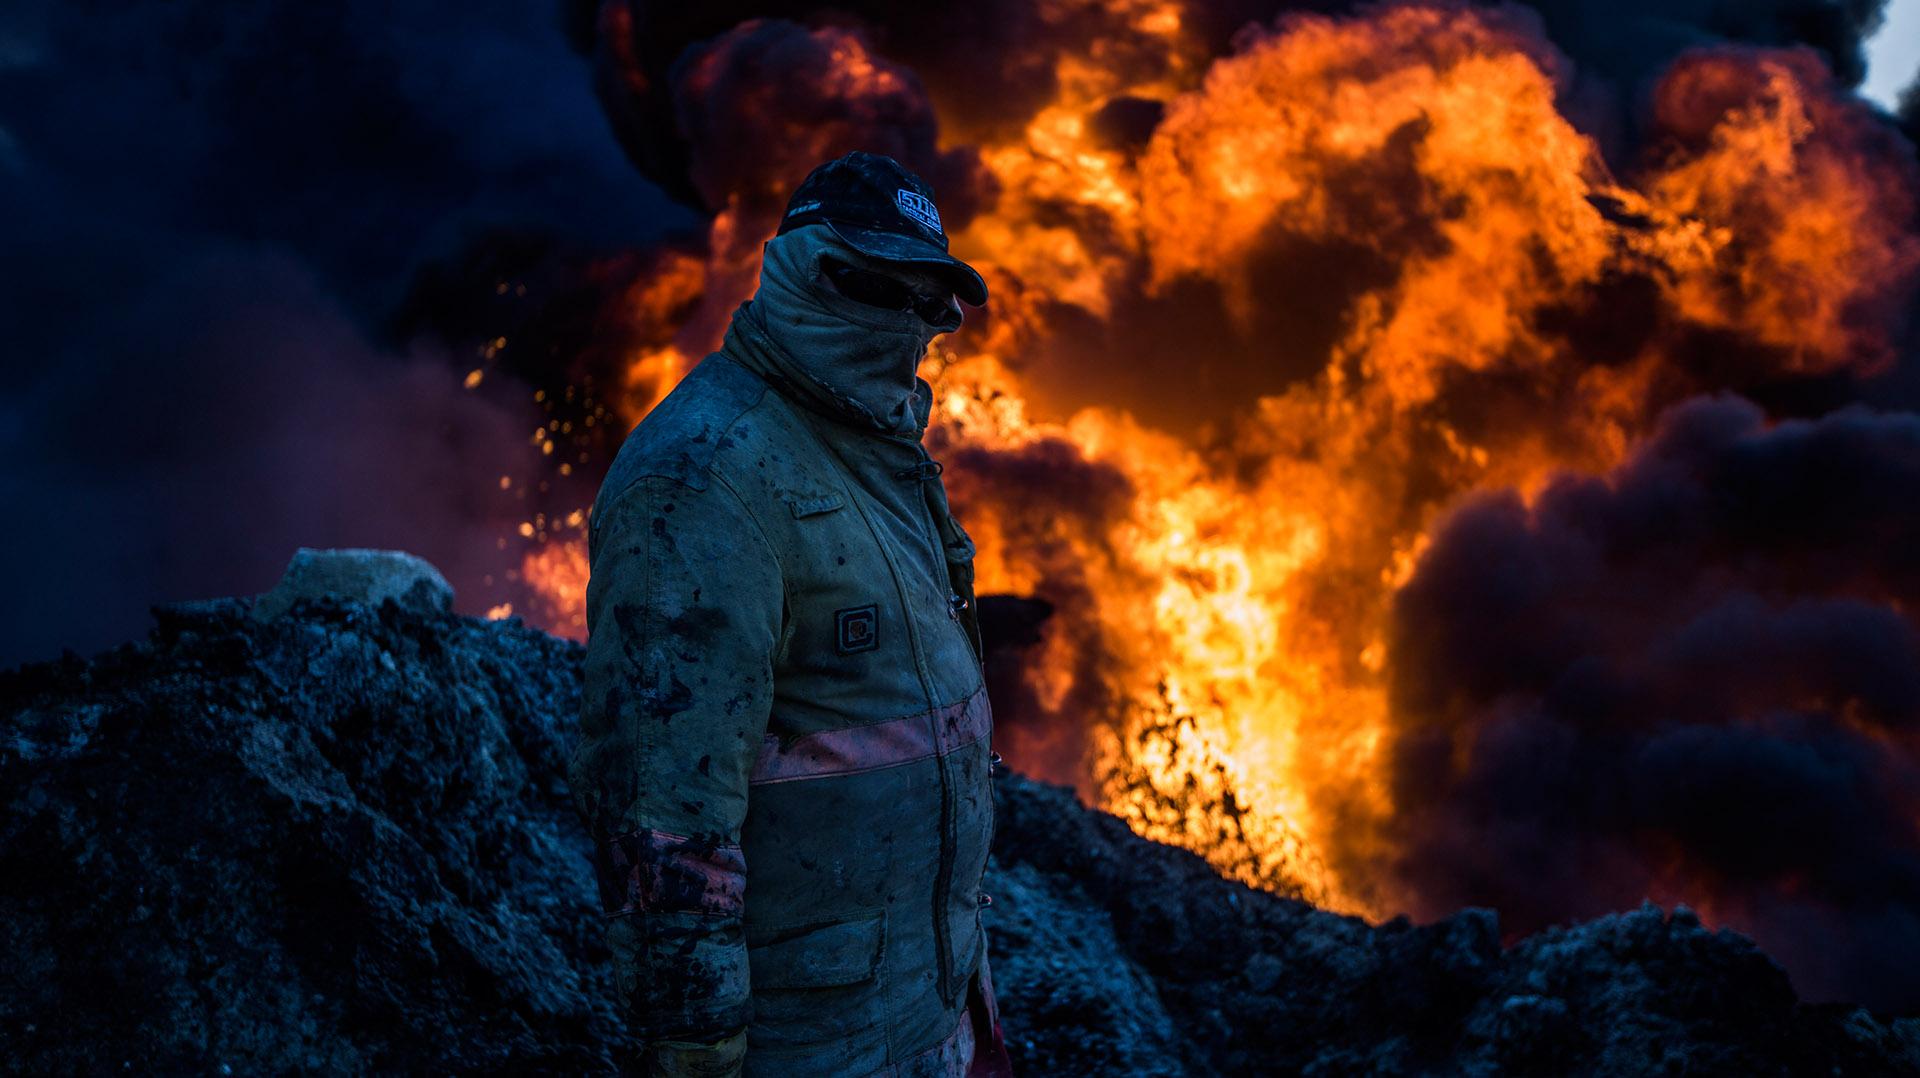 Abdul, ataviado con el equipo de protección, revisa el estado del pozo antes de subir al taladro para comenzar a taponar el pozo de petróleo incendiado. (Pablo Cobos)